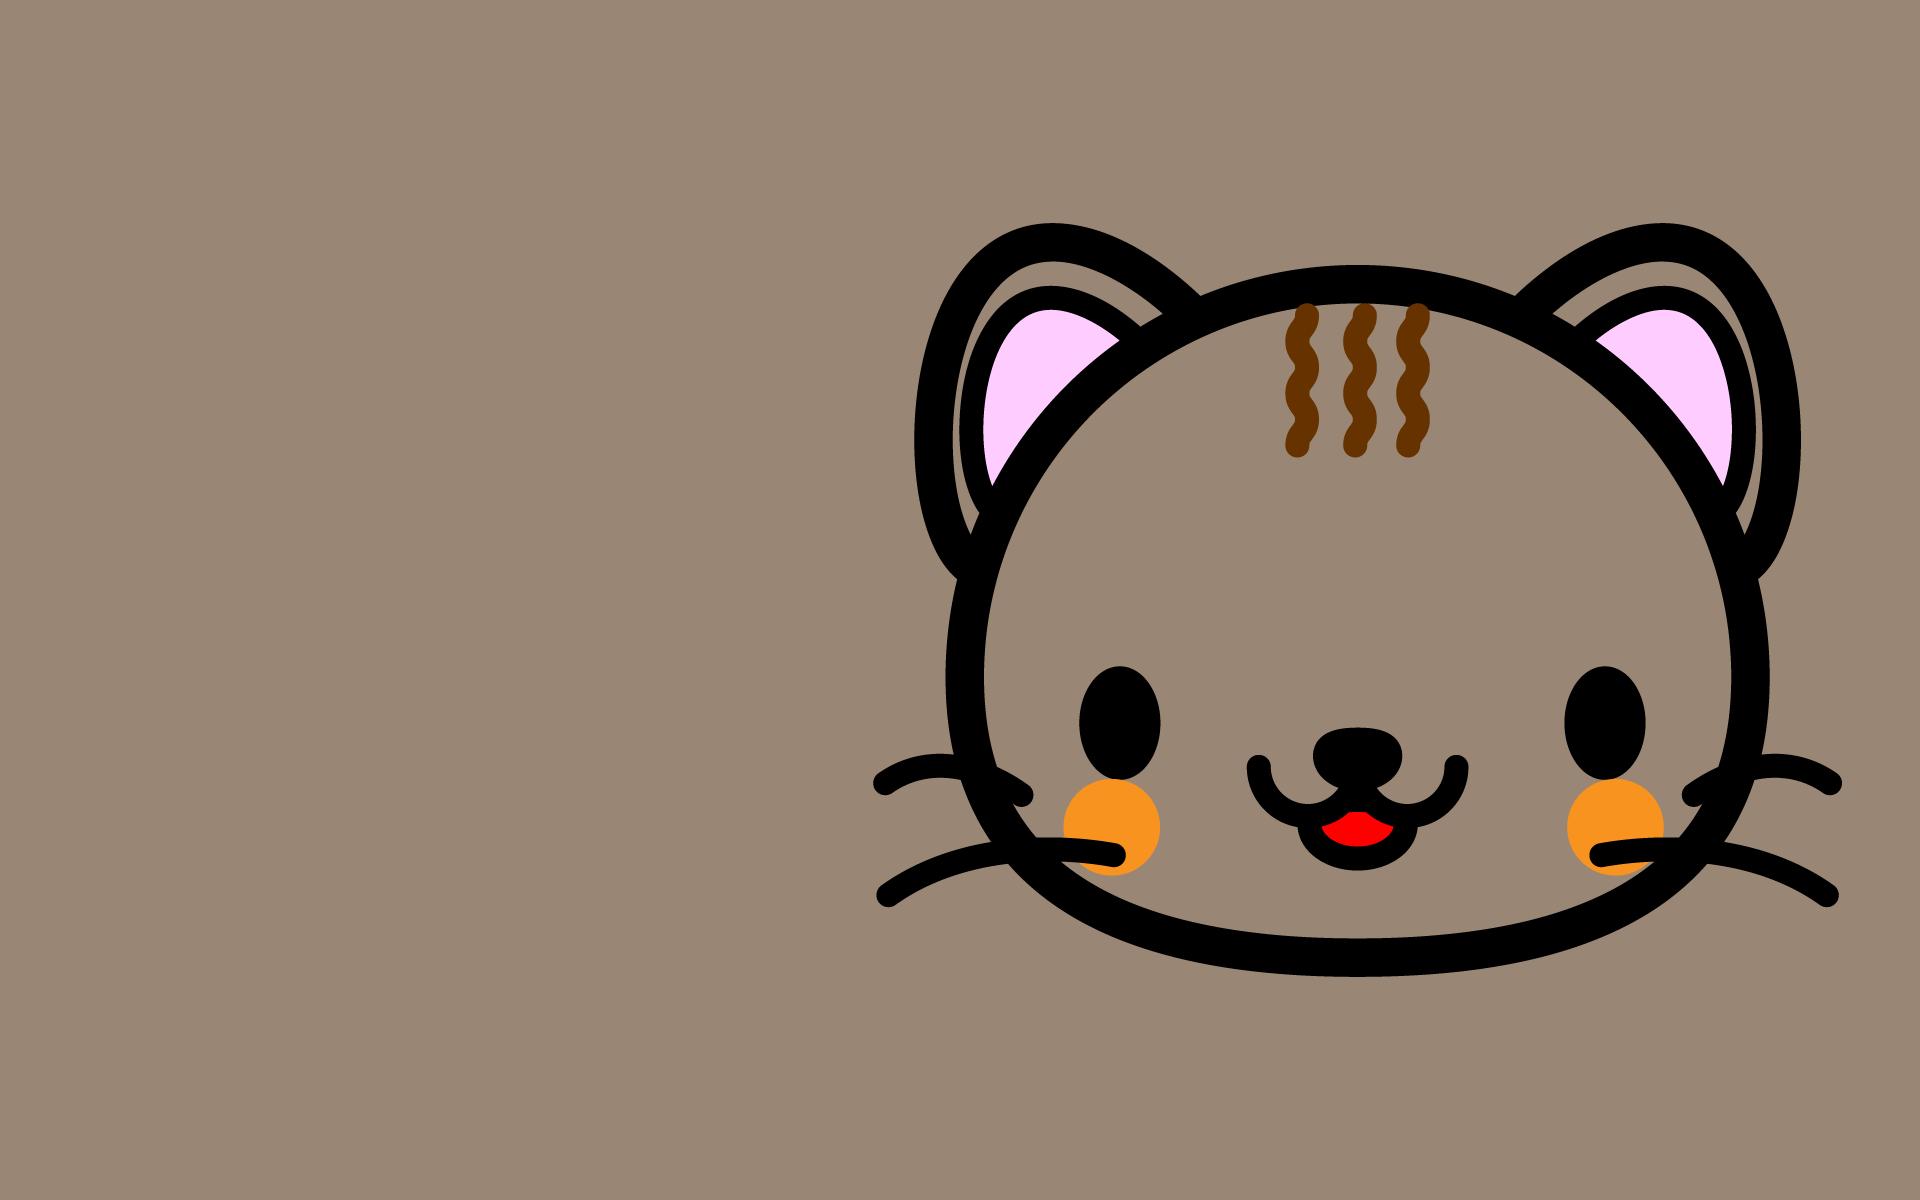 かわいい顔だけ猫壁紙(PC)の無料イラスト・商用フリー